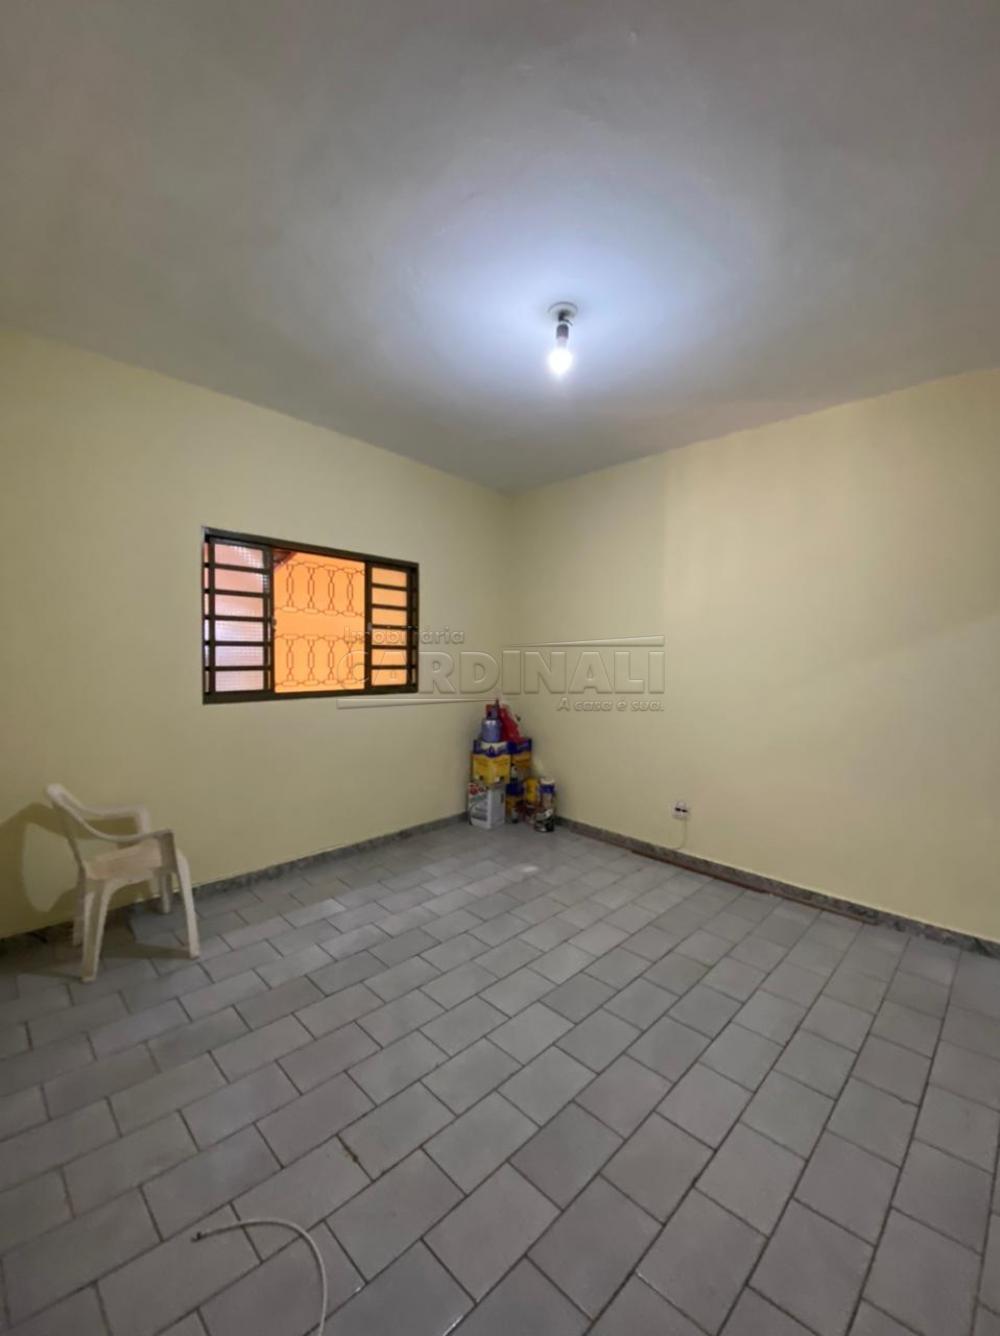 Alugar Casa / Padrão em São Carlos R$ 1.112,00 - Foto 4